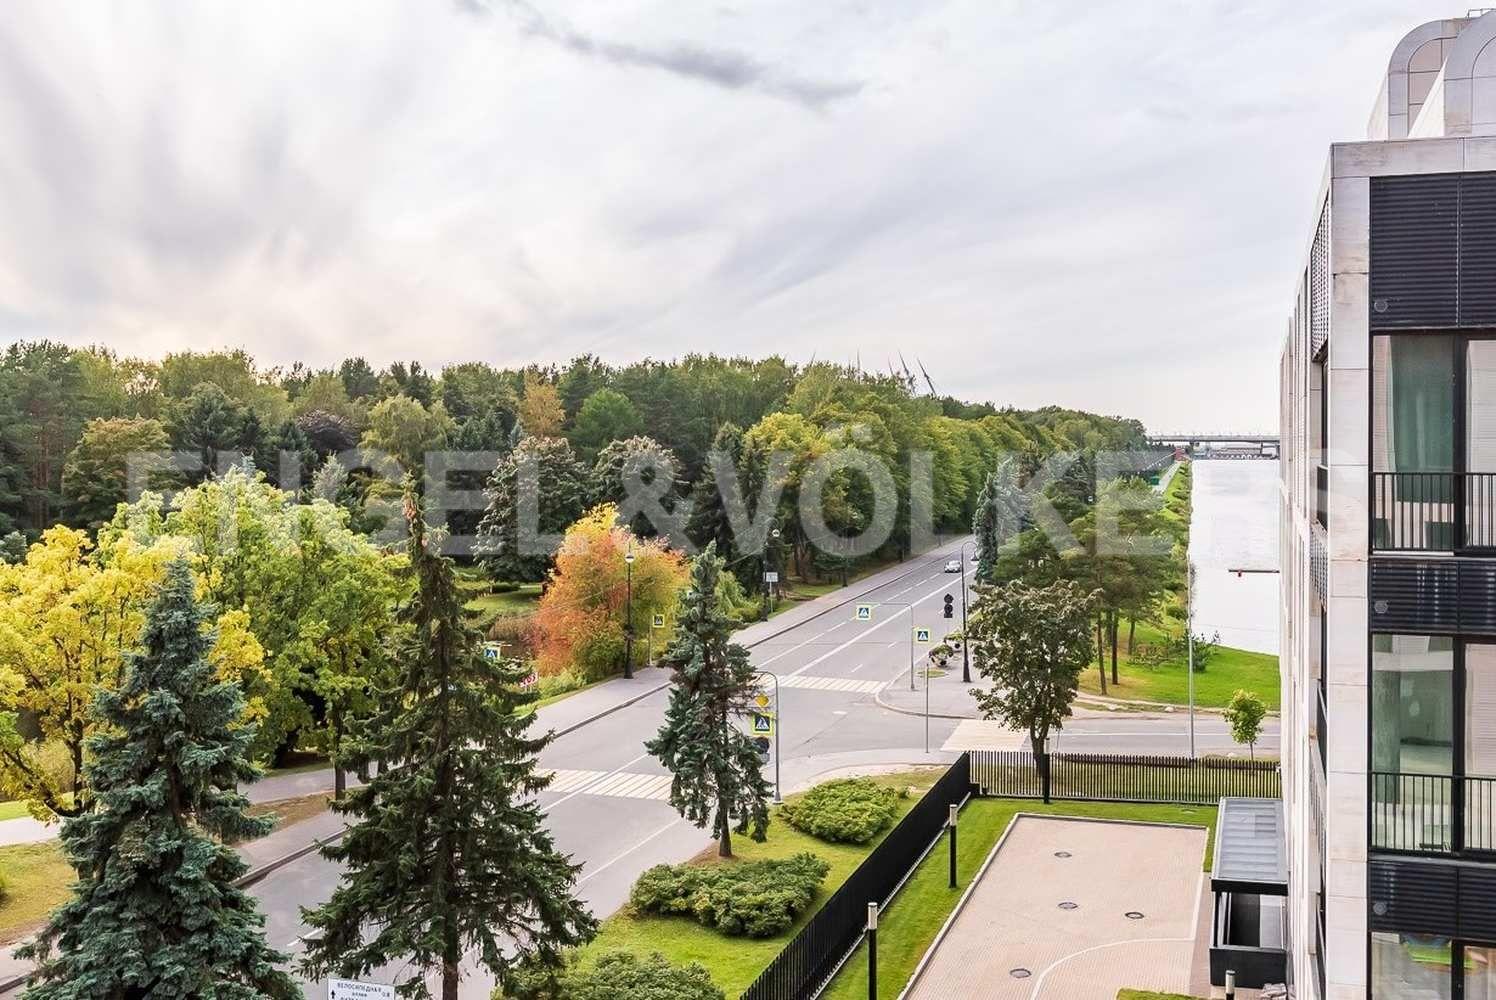 Элитные квартиры на . Санкт-Петербург, наб. Мартынова, 74. Окружение комплекса